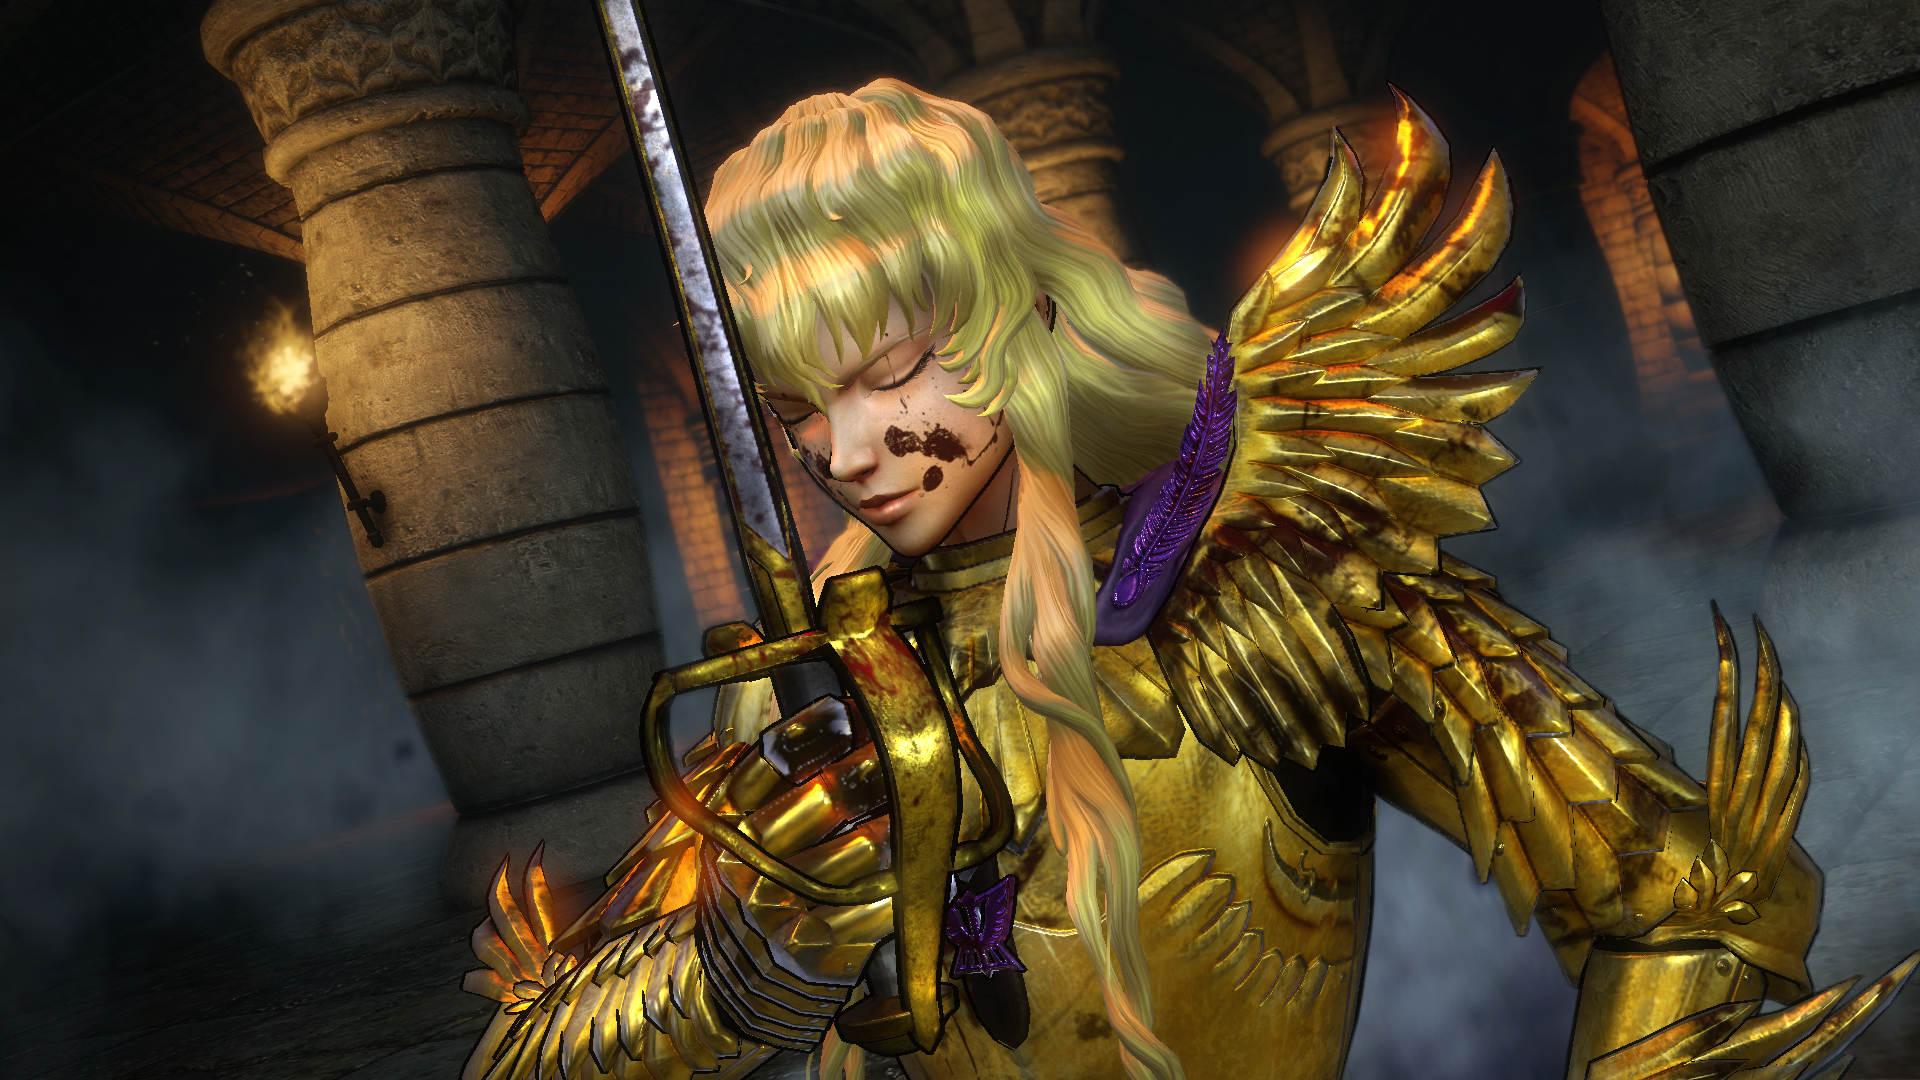 剑风传奇无双游戏图片欣赏